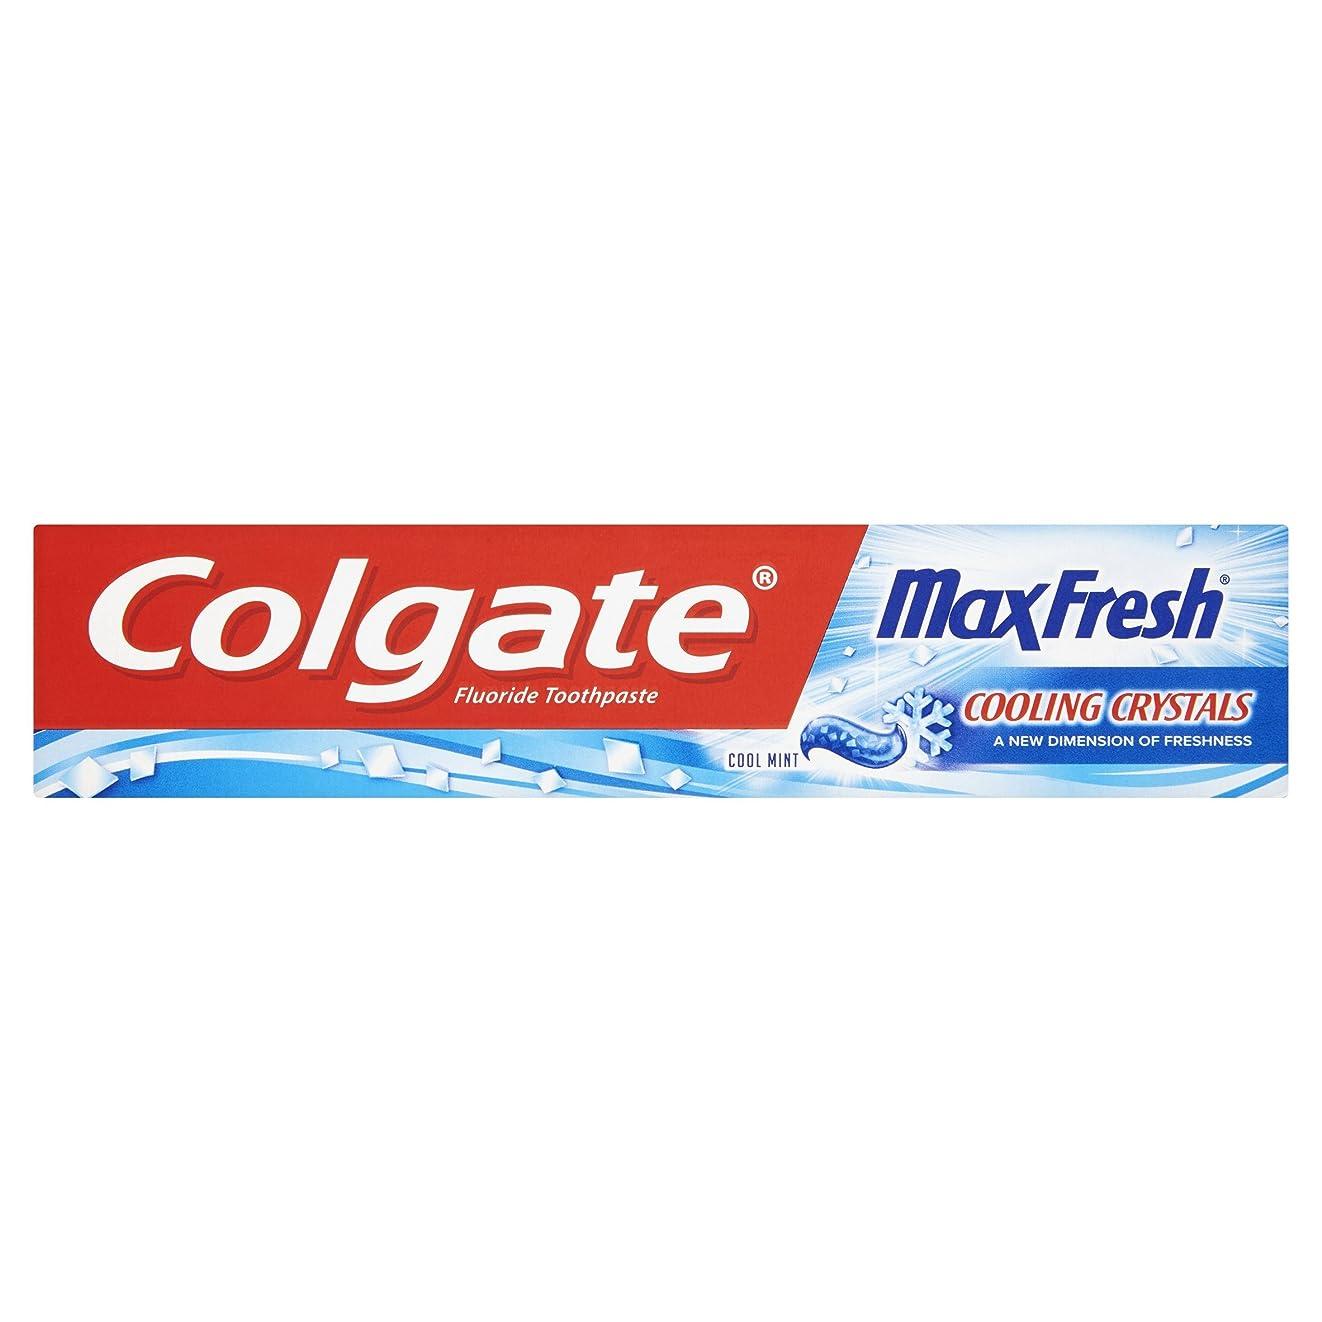 泣き叫ぶやる取り除く[Colgate ] コルゲート最大の新鮮な青歯磨き粉の125ミリリットル - Colgate Max Fresh Blue Toothpaste 125Ml [並行輸入品]